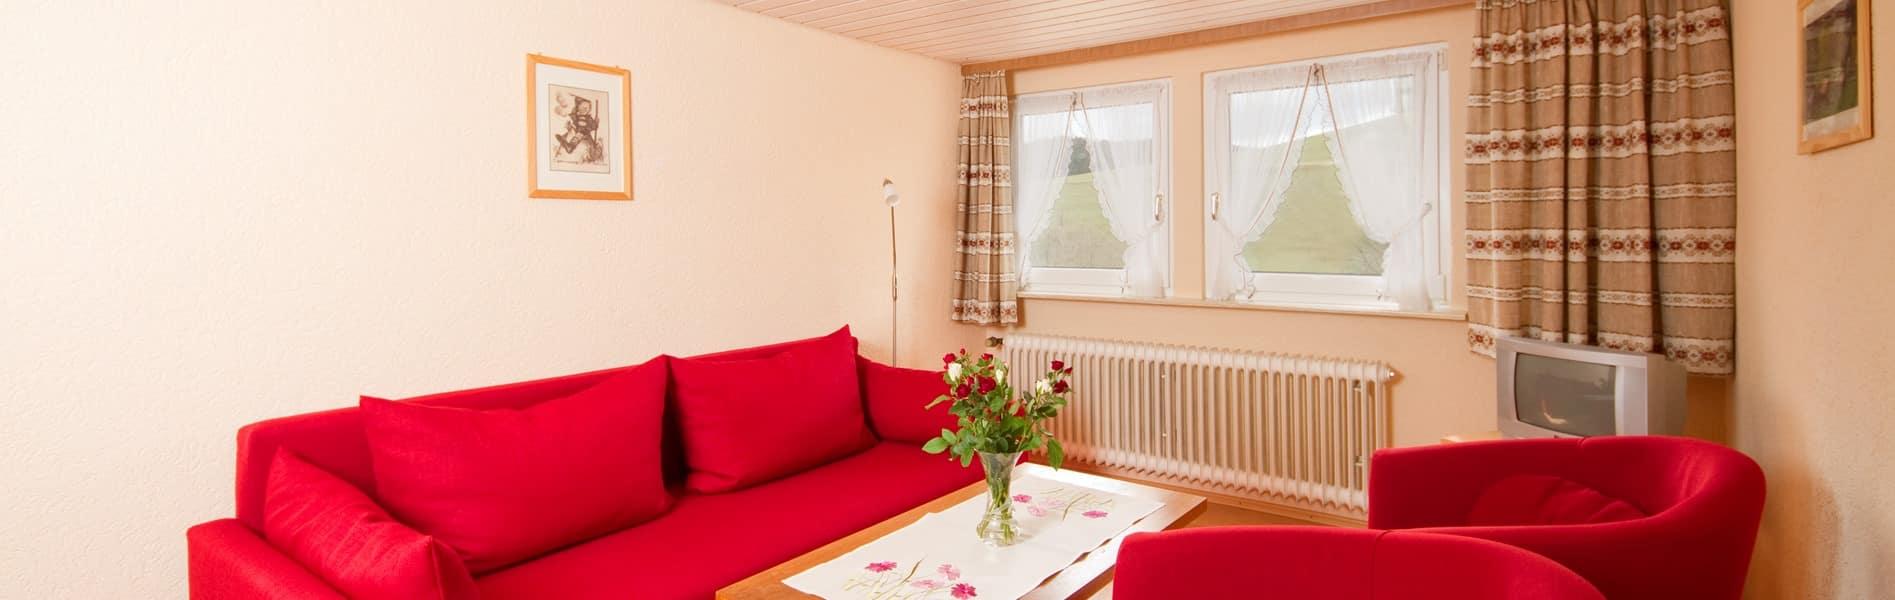 ferienwohnung-ringelblume-wohnzimmer-slider